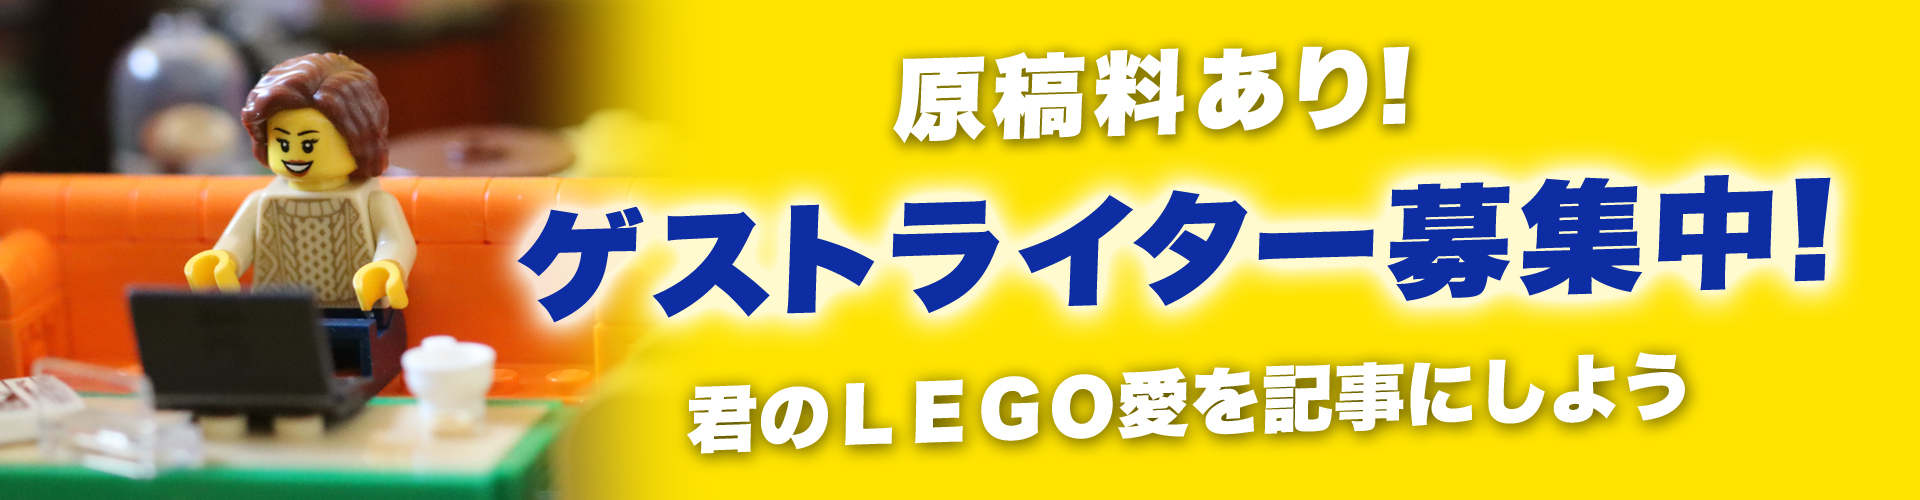 ユニーク視点のレゴレビューをチェック!レゴ製品の組み立てレビュー、自分で作った作品、ミニフィグでストーリーを作って遊ぶアクションLEGO、レゴで遊びながら英語を学ぶ教育シリーズLEGOで英語などユニークなレゴレビューをまとめてチェックできます。